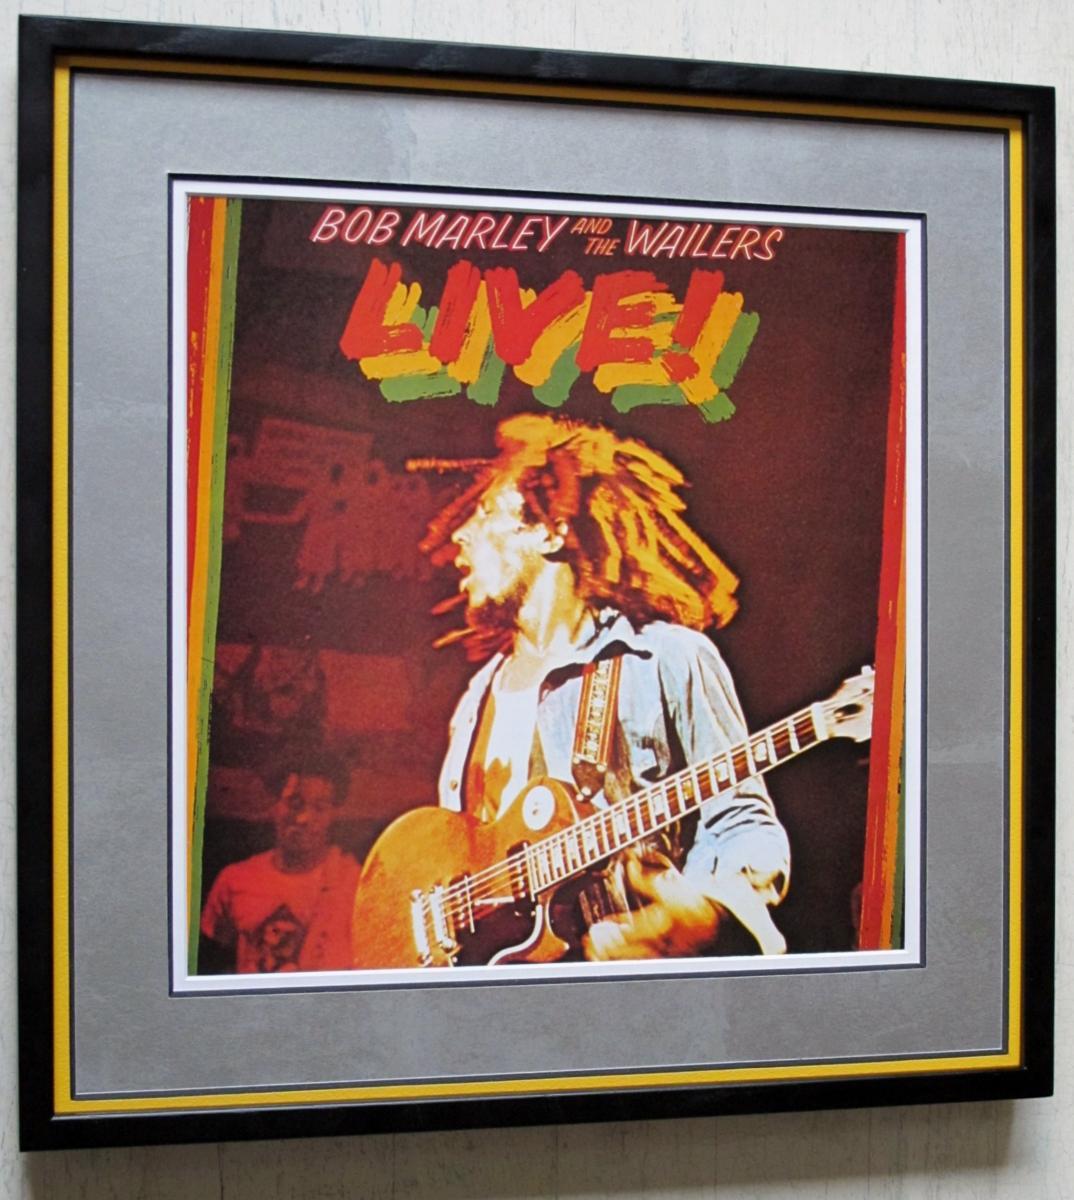 ボブ・マーリー/レコードジャケット ポスター額装/Live!/Bob Marley & the Wailers/Bob Marley/レゲエ クラシック/Framed Reggae Art